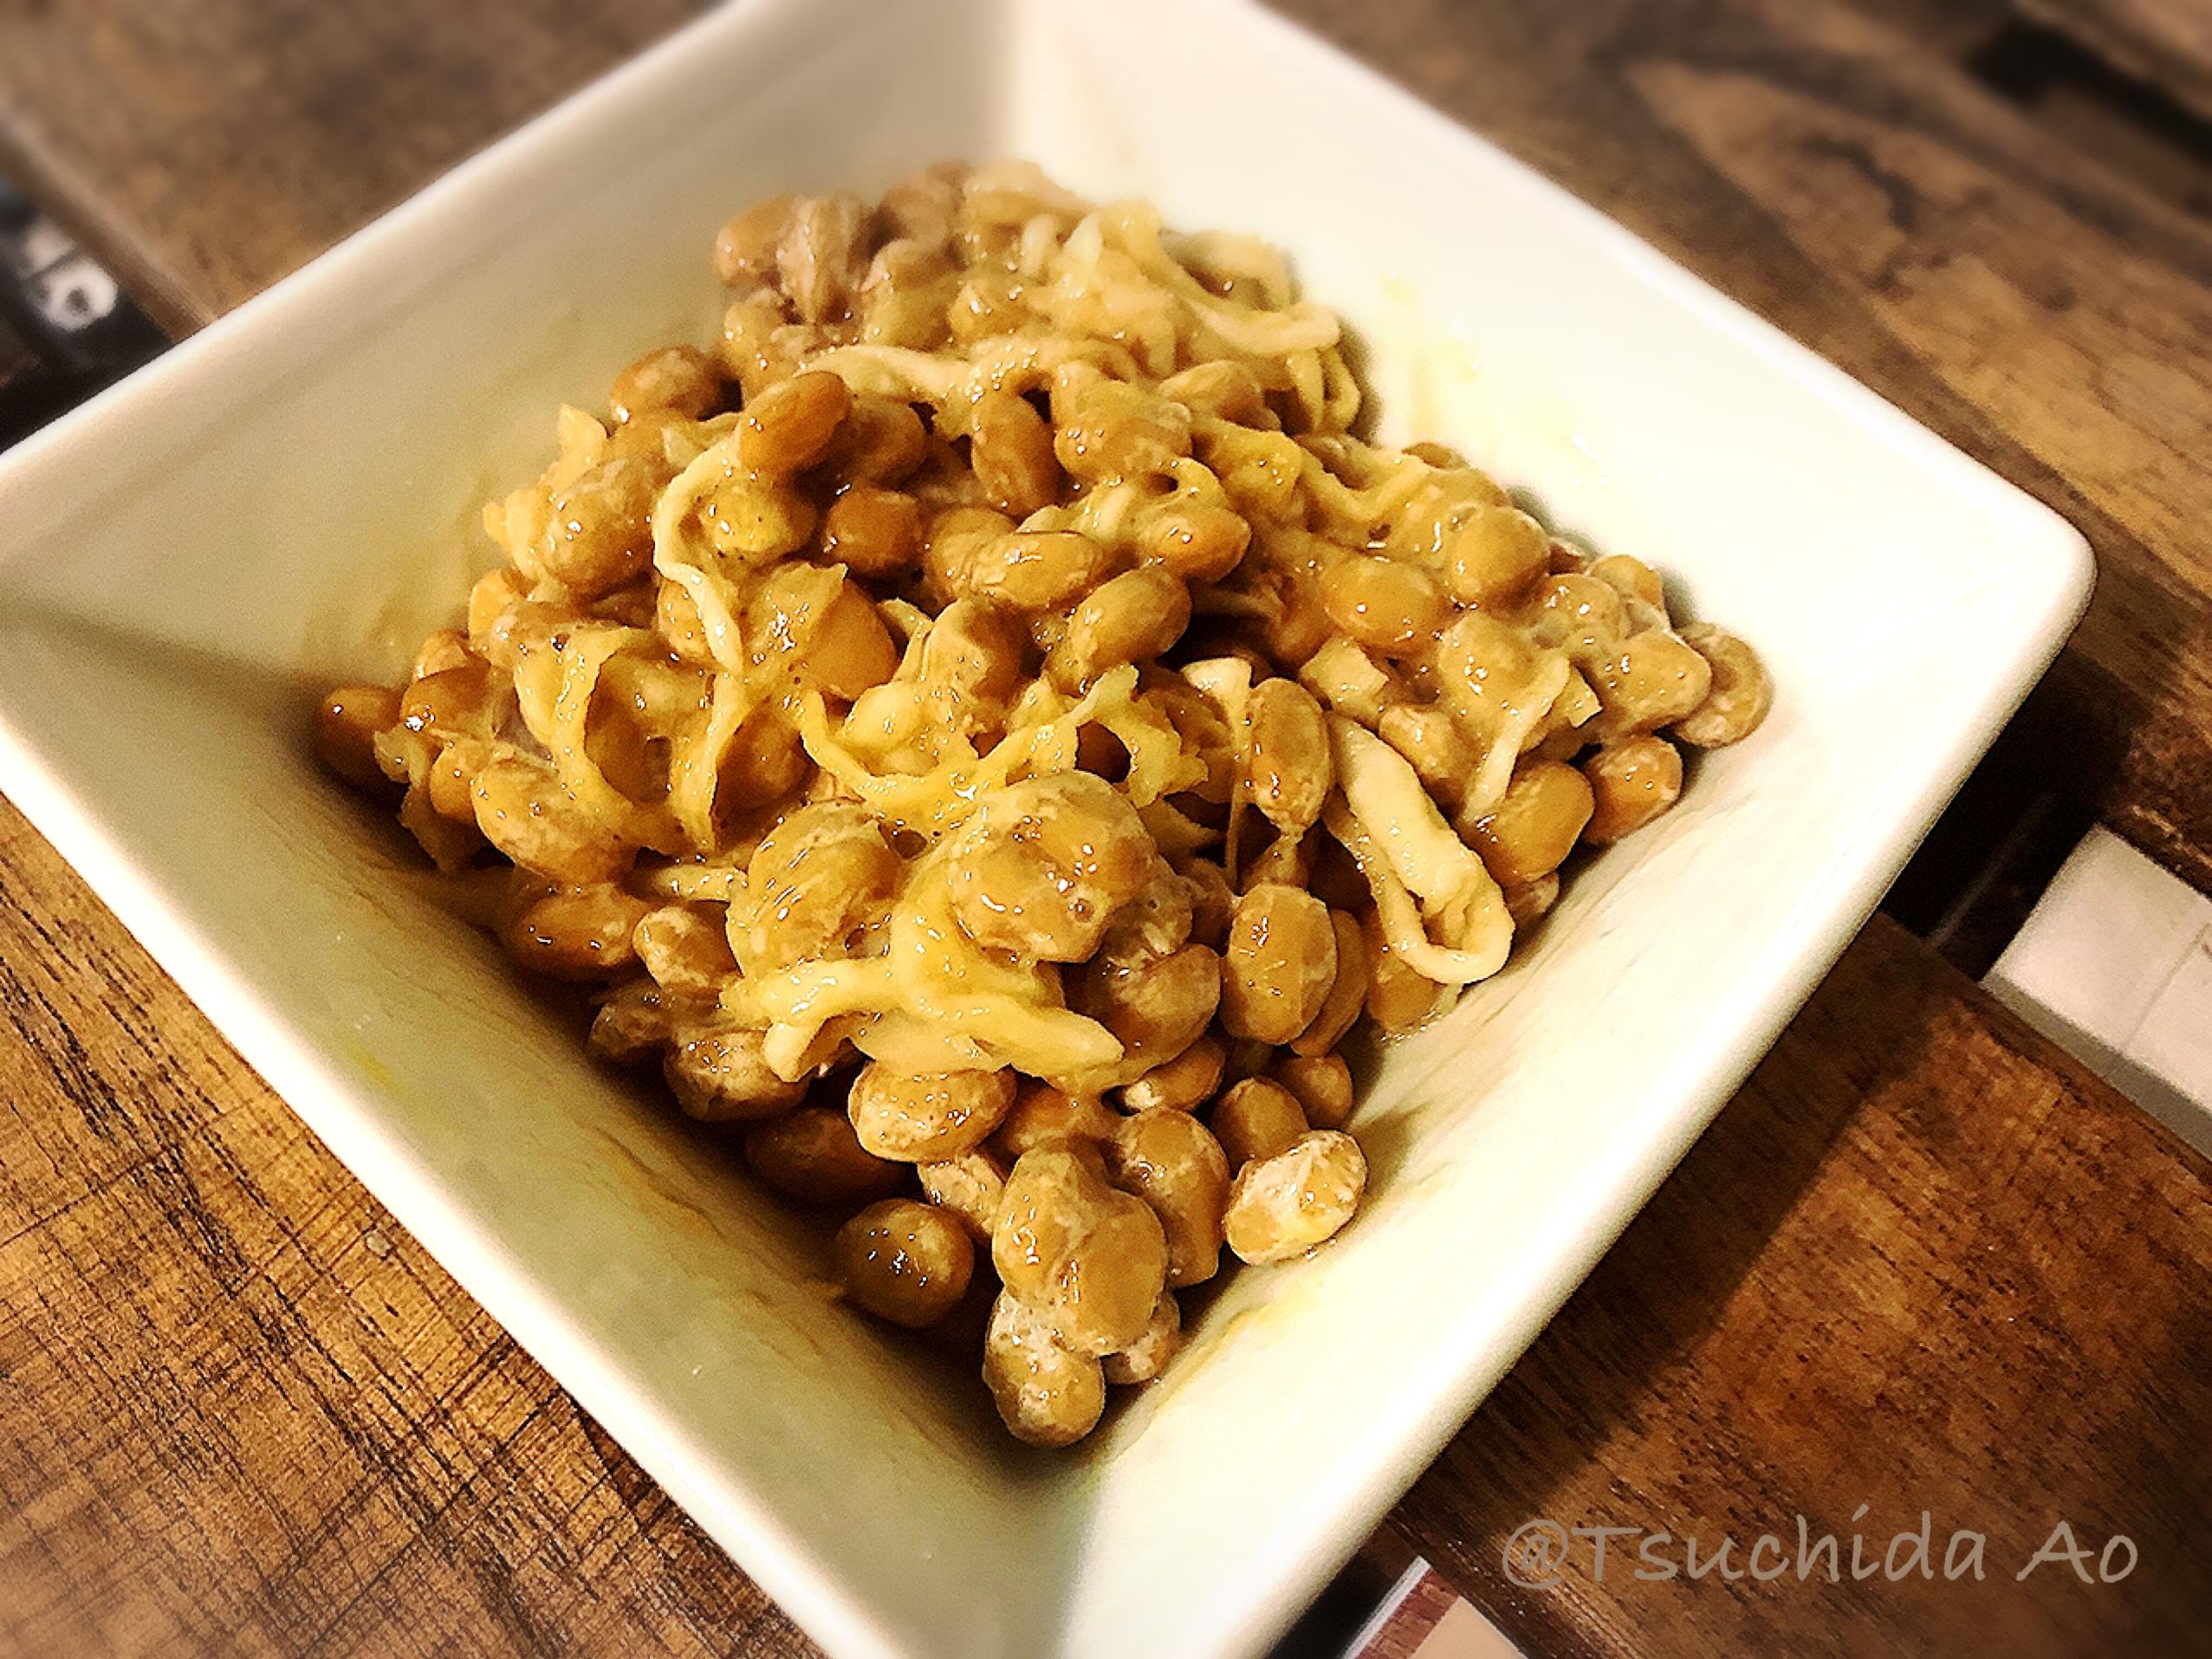 アイラップで下ごしらえ!茨城の郷土料理、『そぼろ納豆』